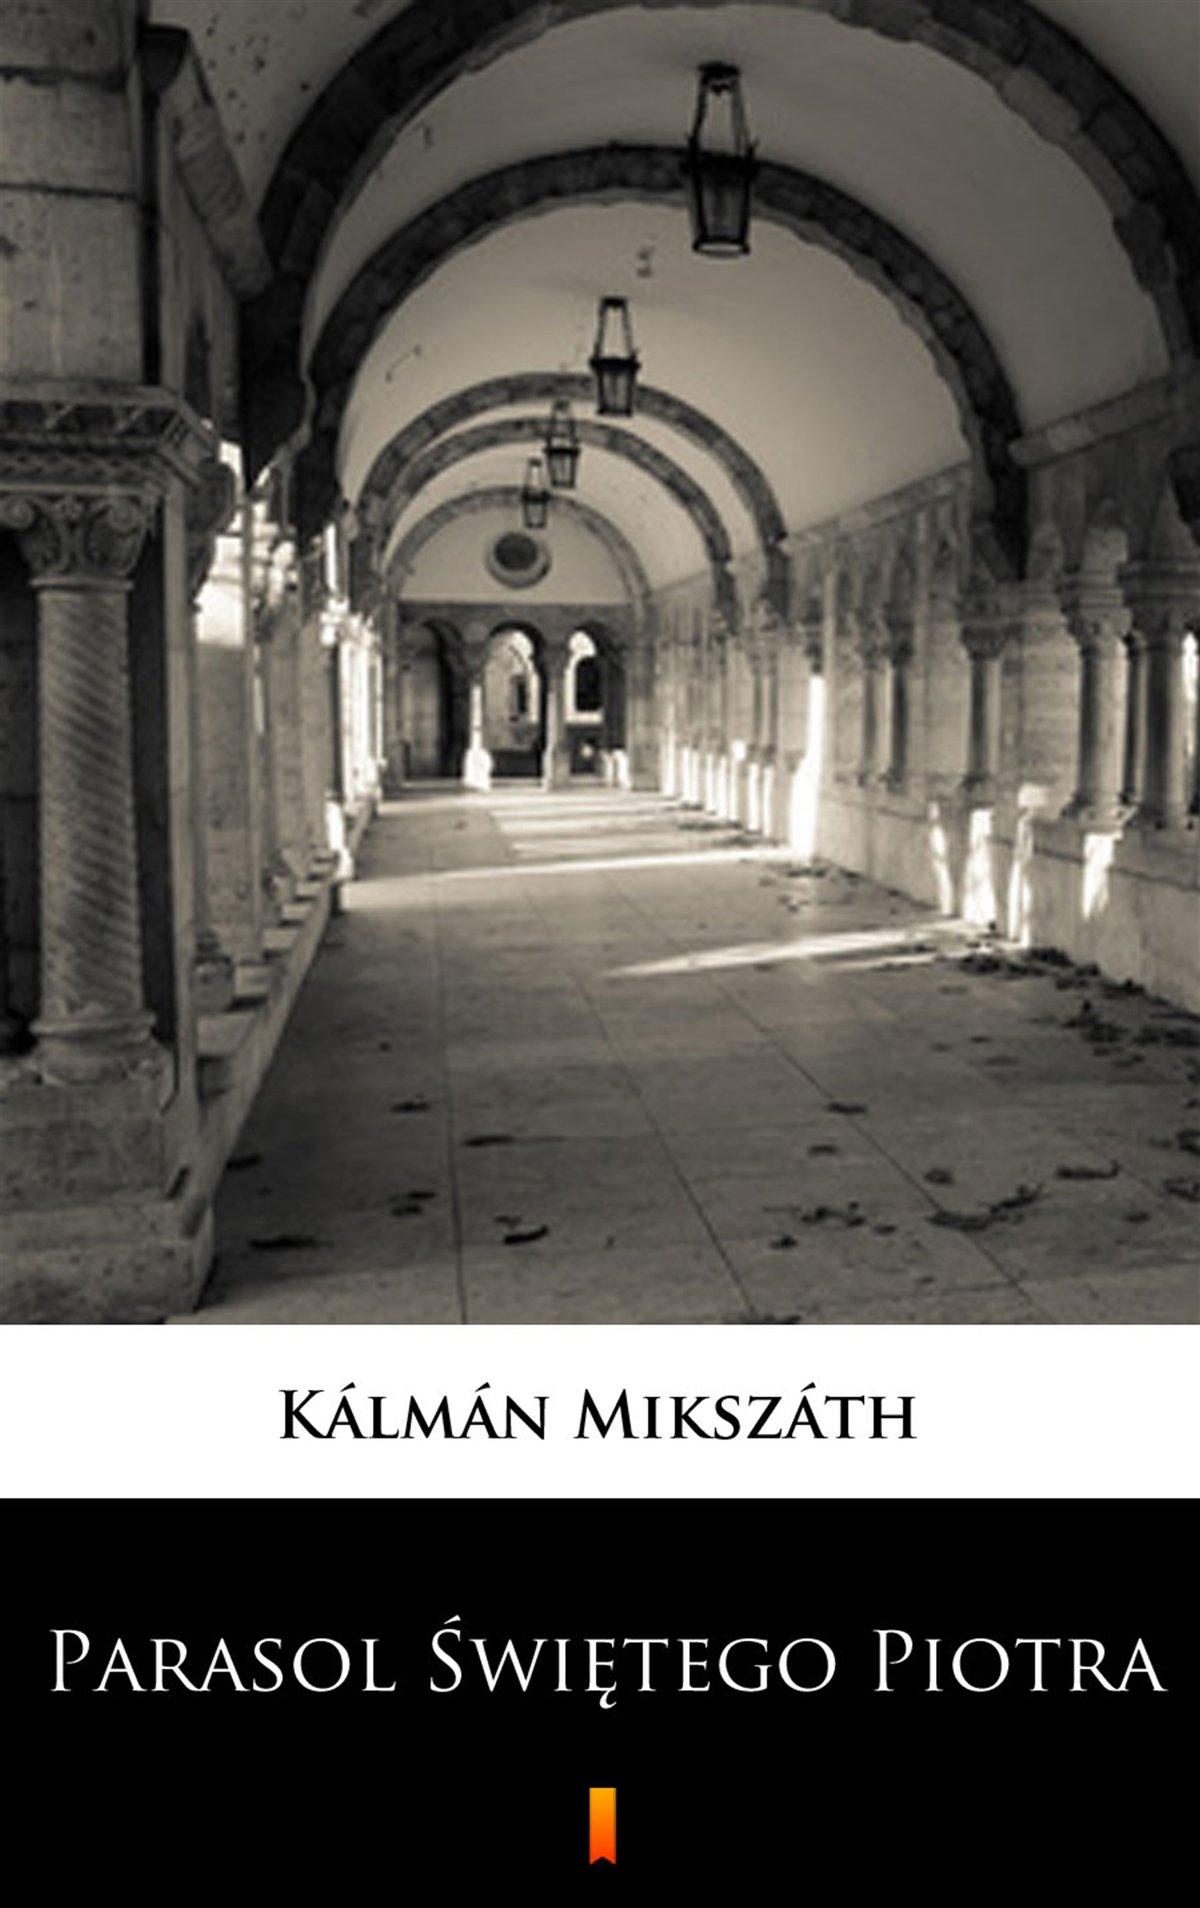 Parasol Świętego Piotra - Ebook (Książka na Kindle) do pobrania w formacie MOBI